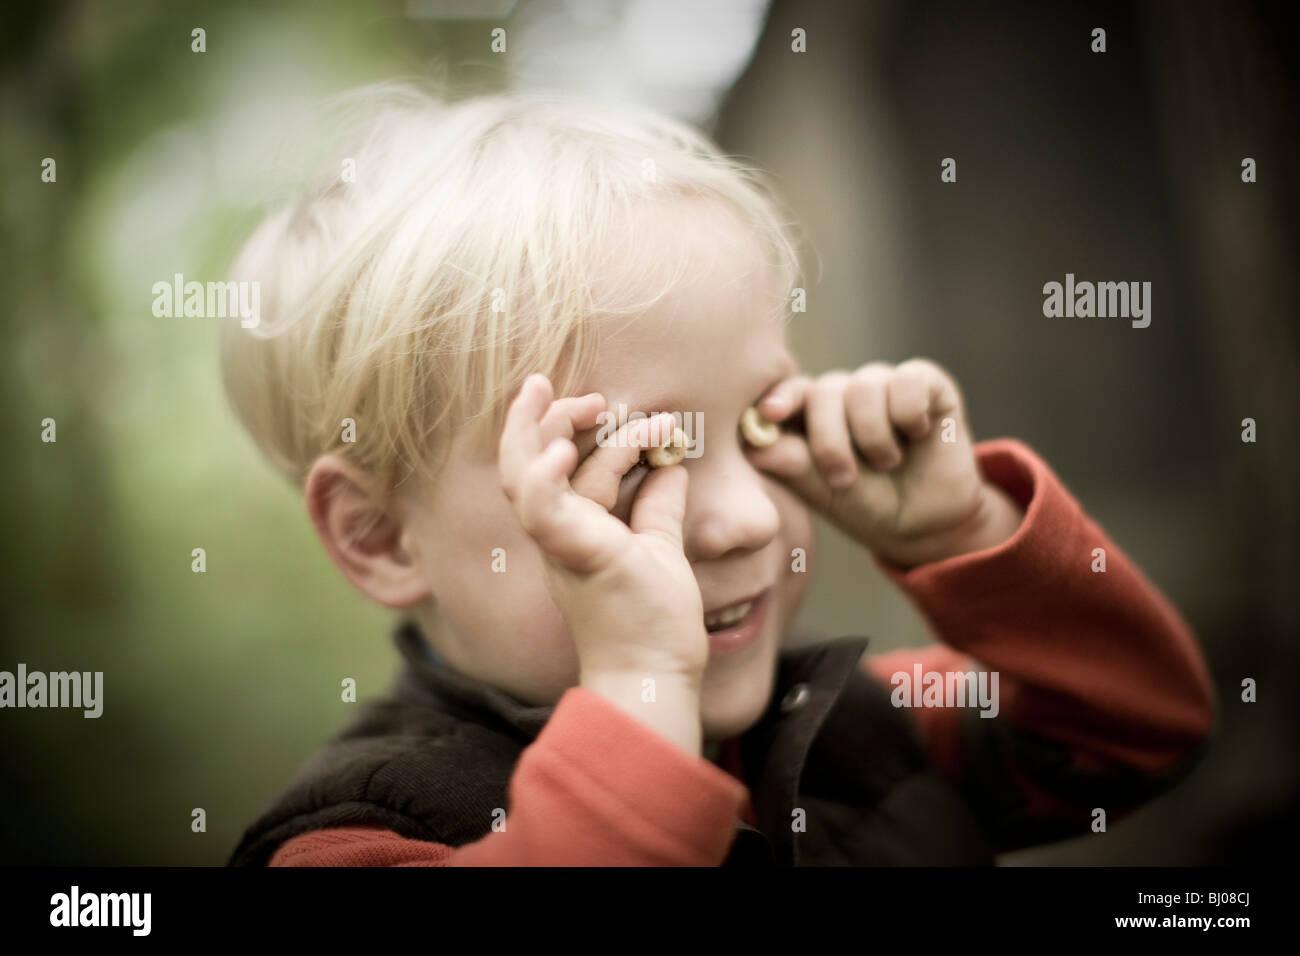 Giovane ragazzo giocando con cereali. Immagini Stock